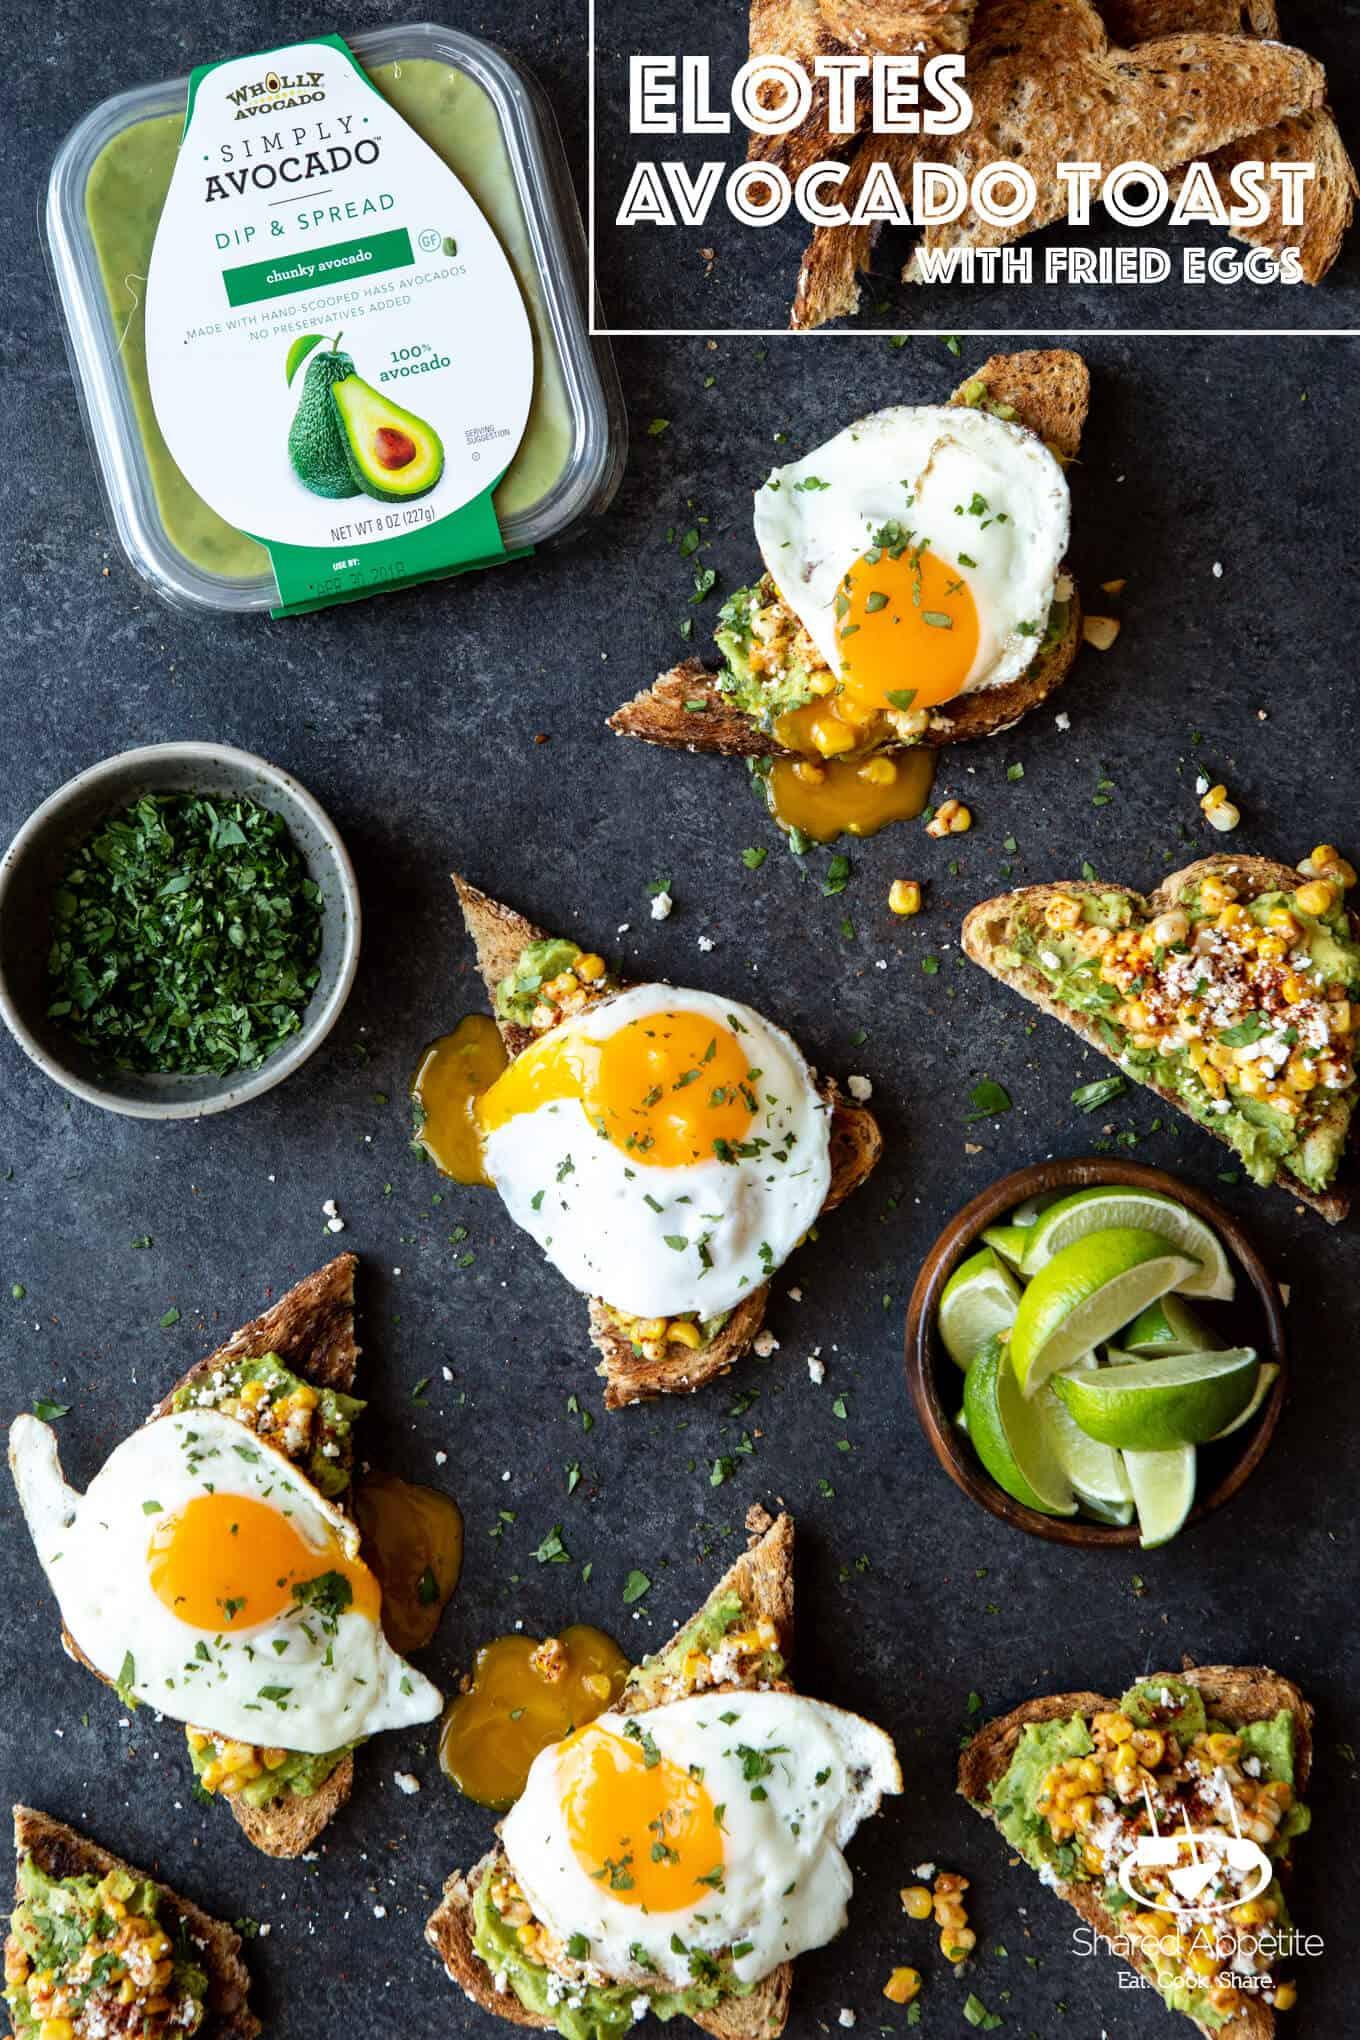 Elotes Avocado Toast with a Fried Egg   sharedappetite.com